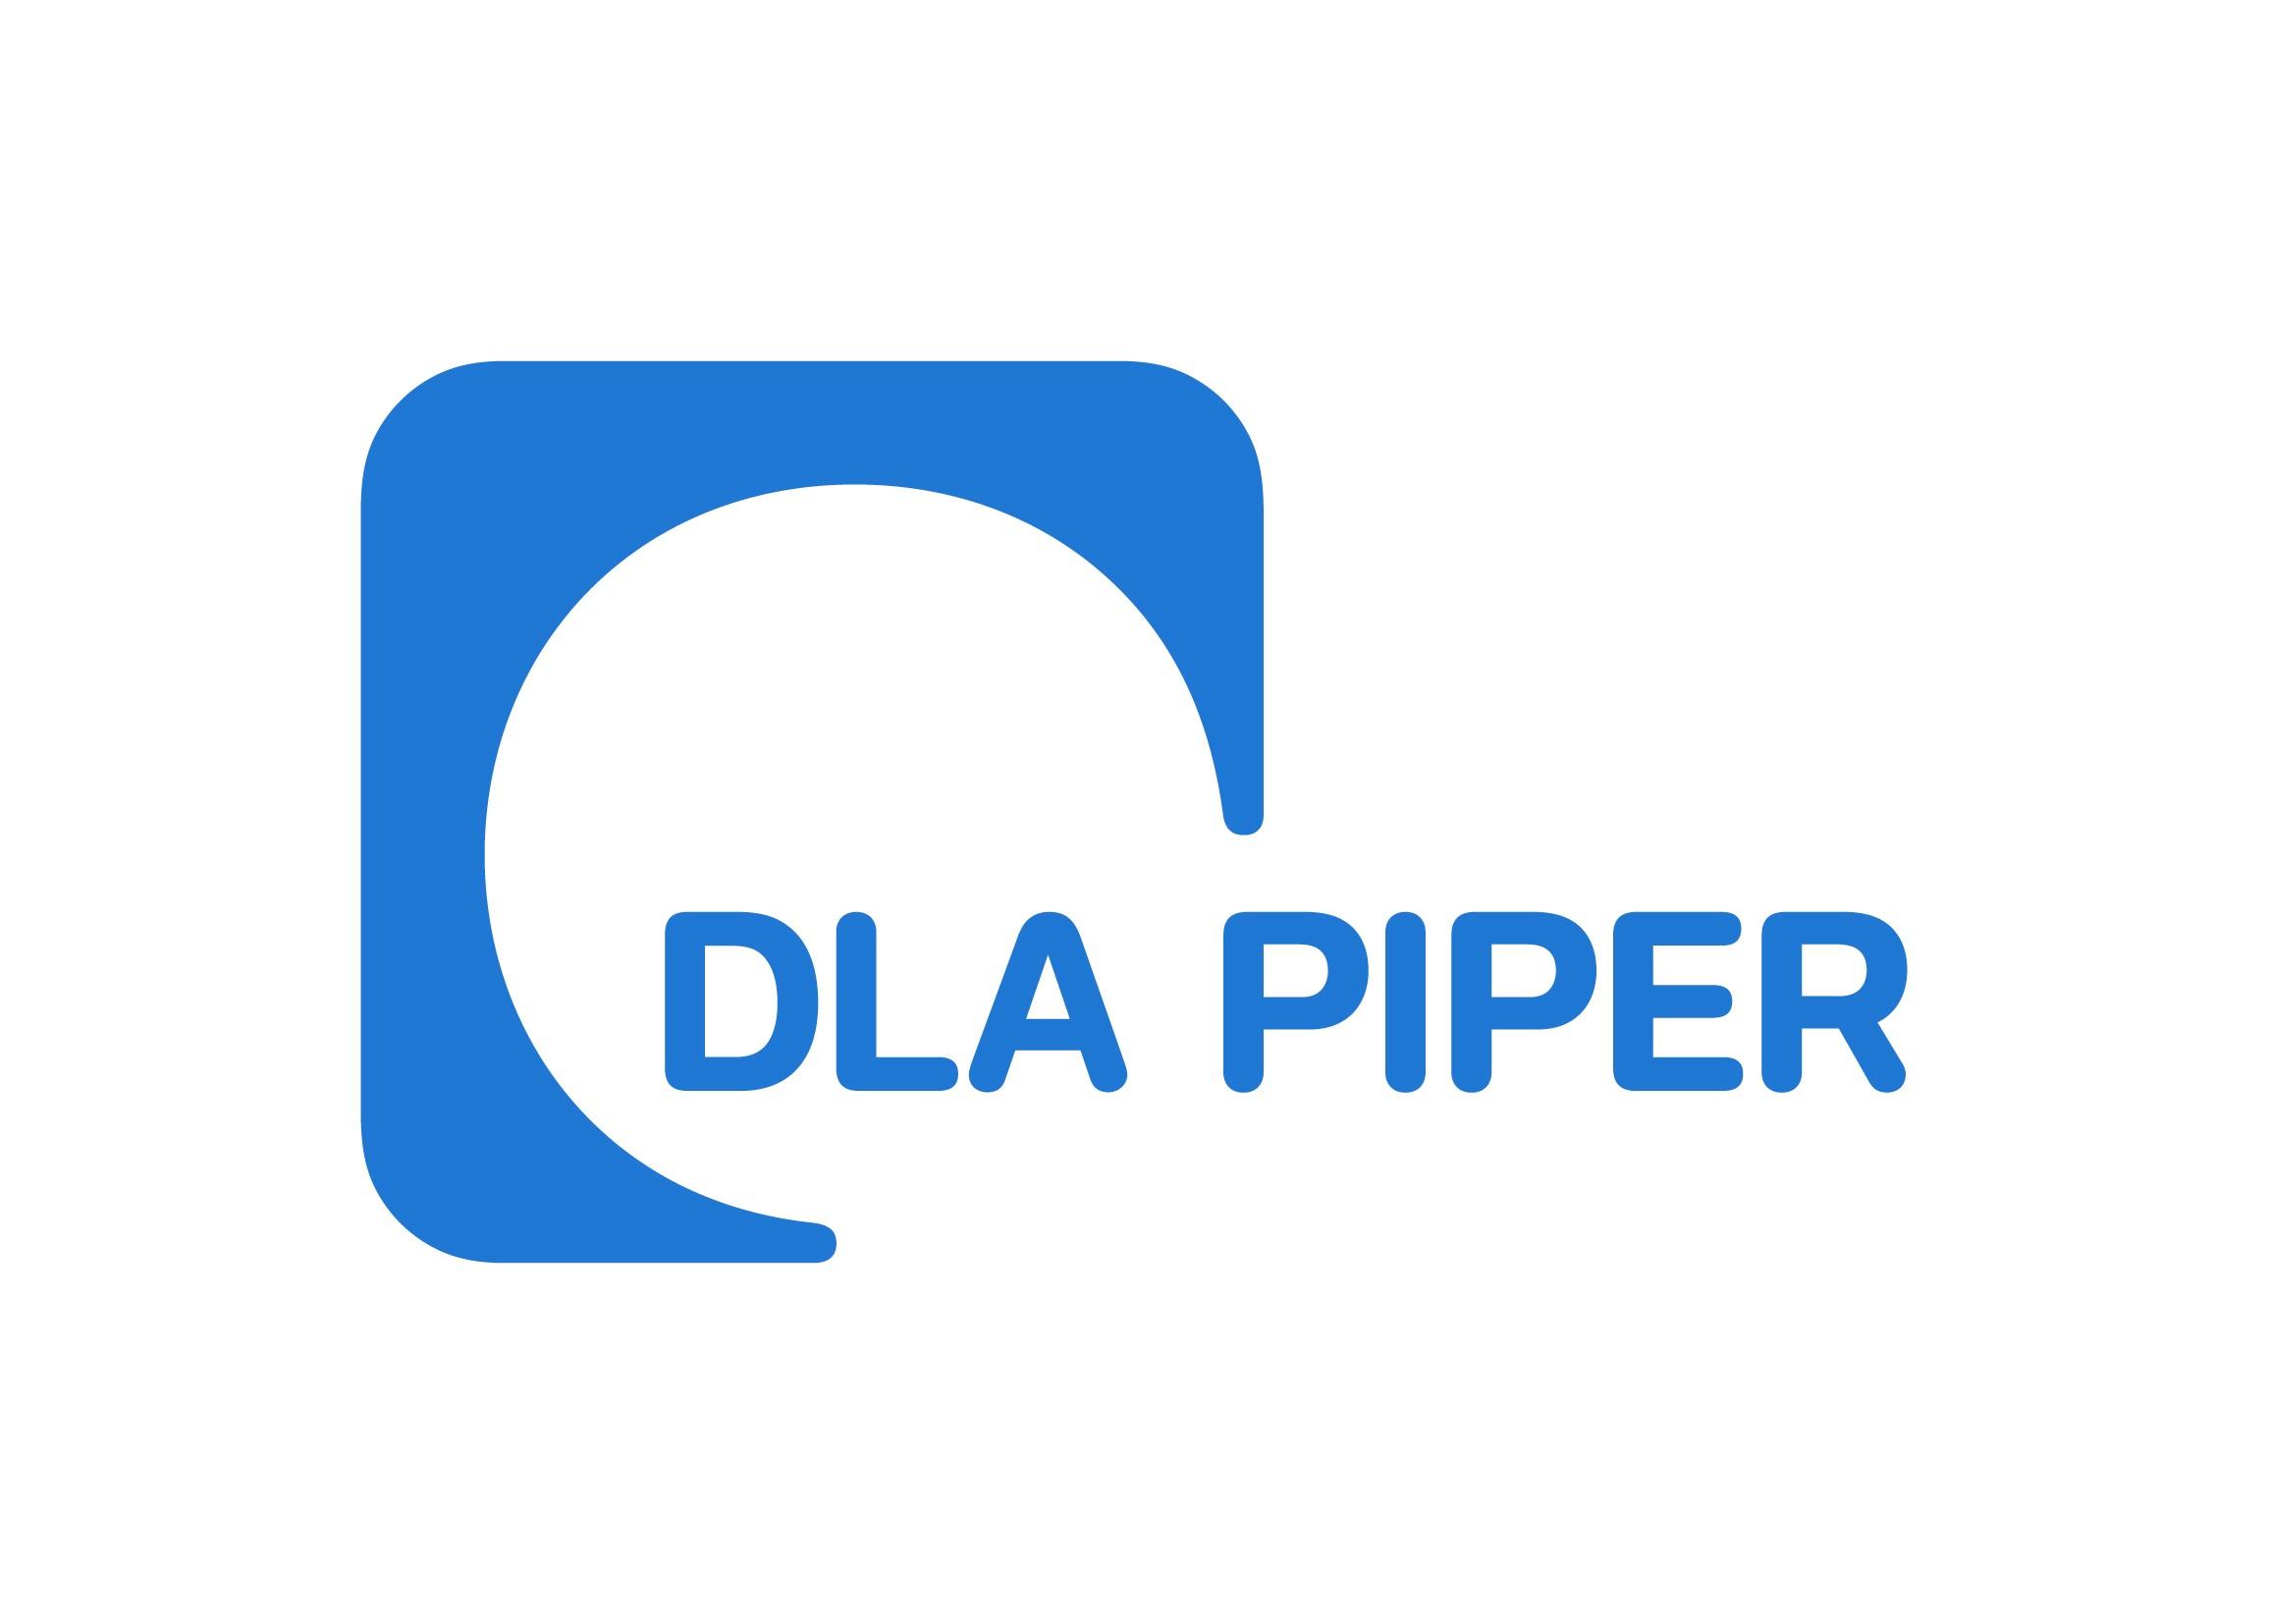 DLA_Piper_rgb.jpg